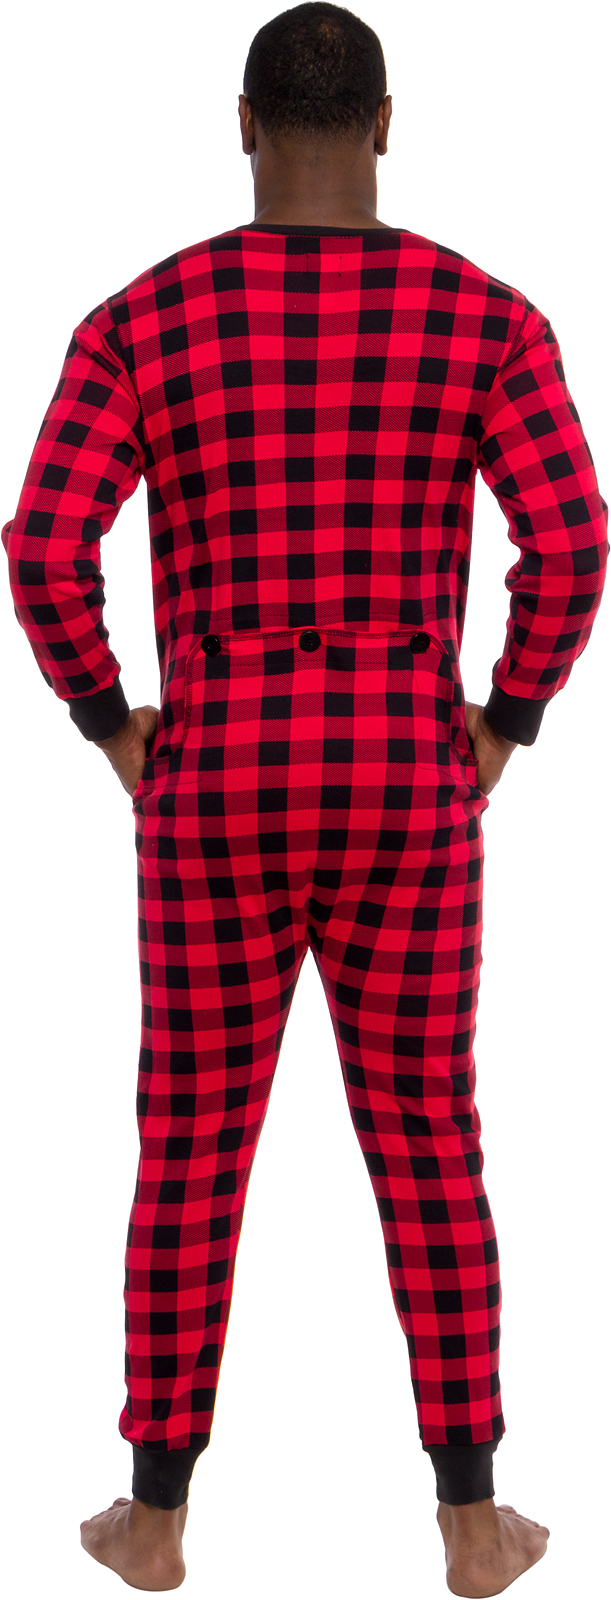 Ross Michaels Mens Buffalo Plaid One Piece Union Suit